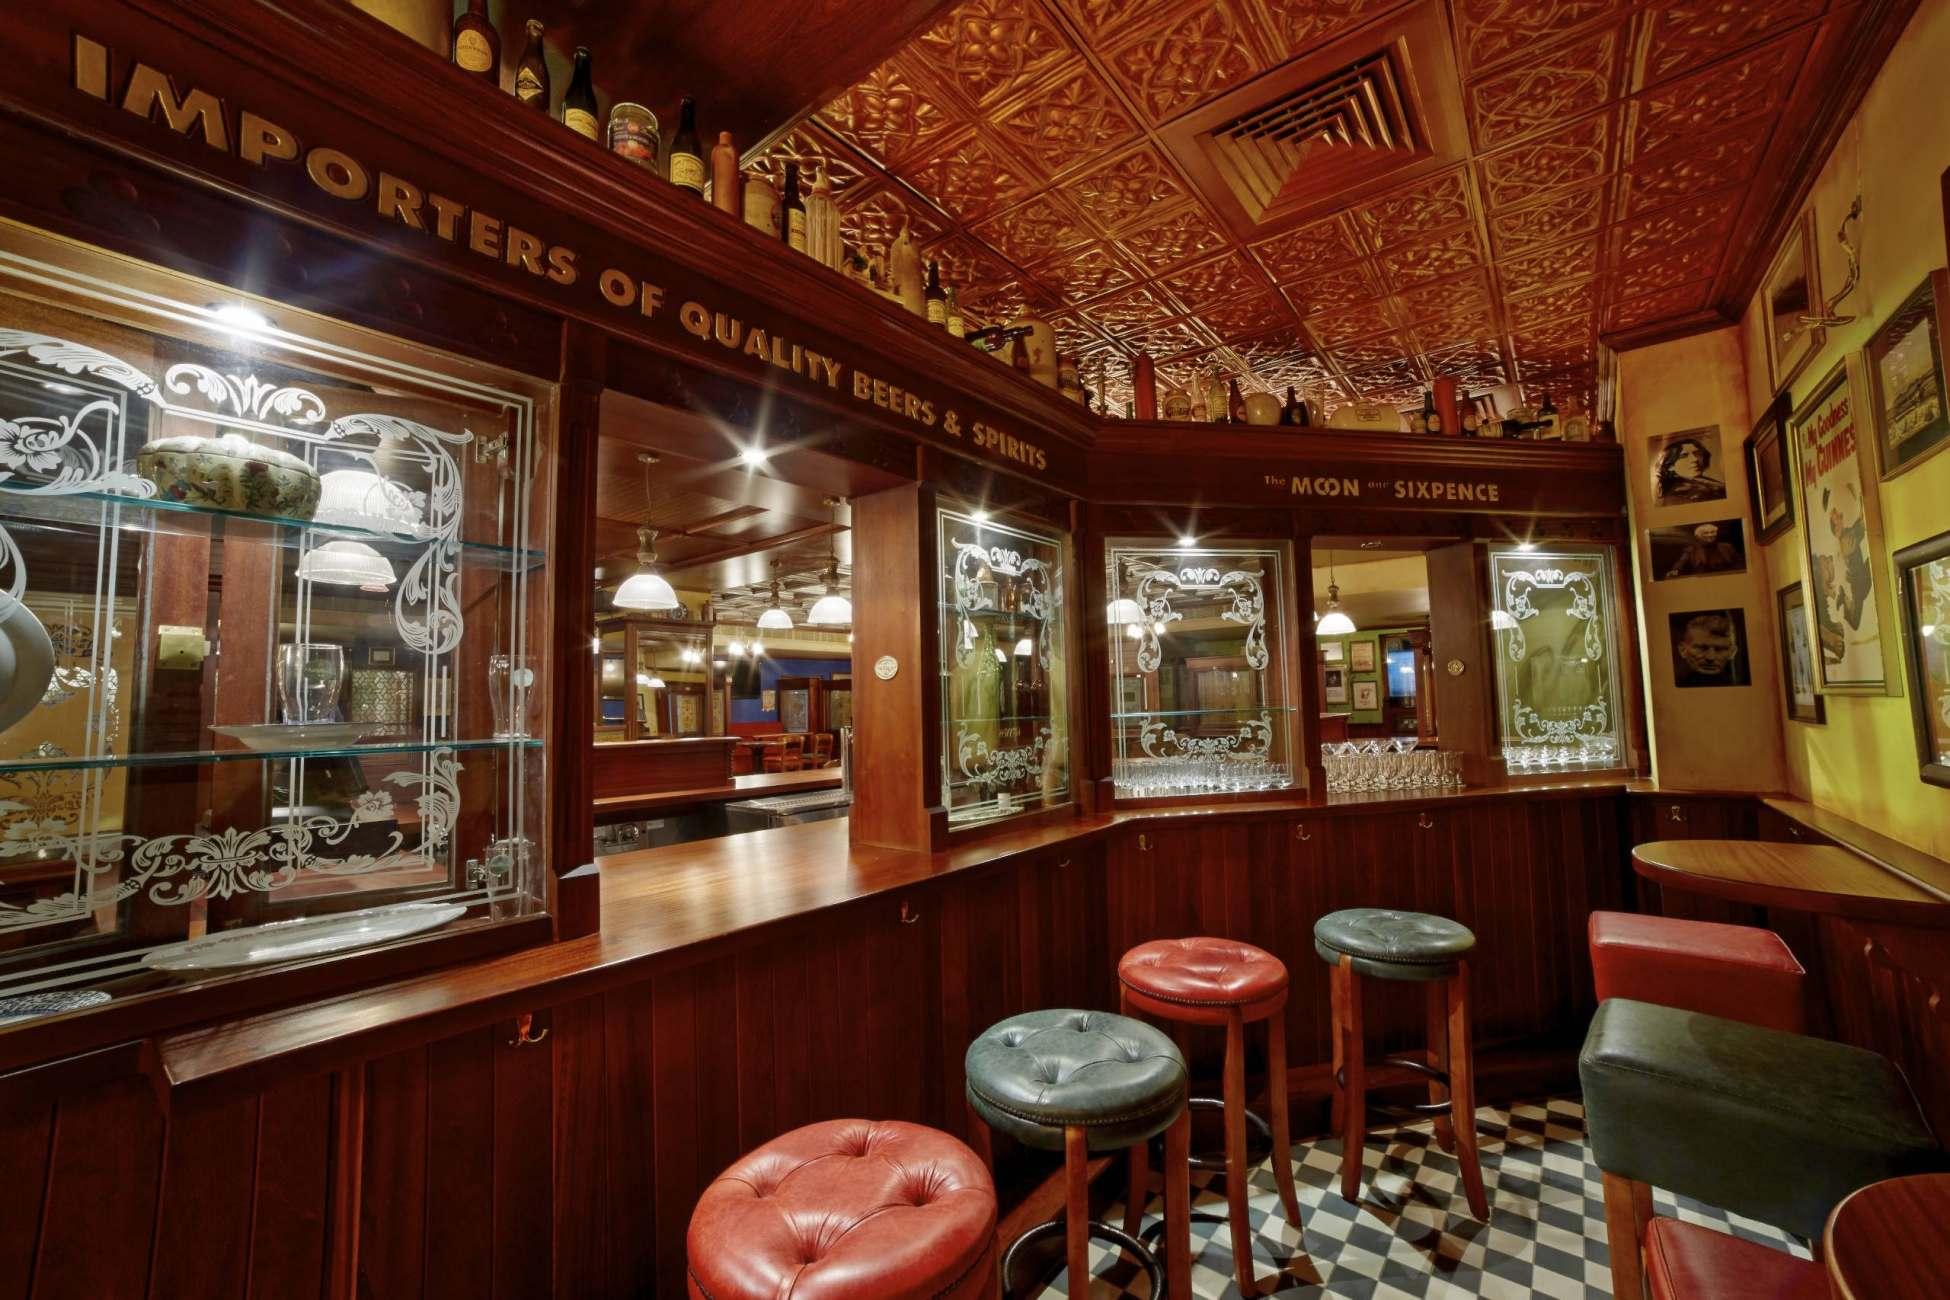 irish pub interior ol irish pubs irish pub company and irish pub design ol irish pubs. Black Bedroom Furniture Sets. Home Design Ideas